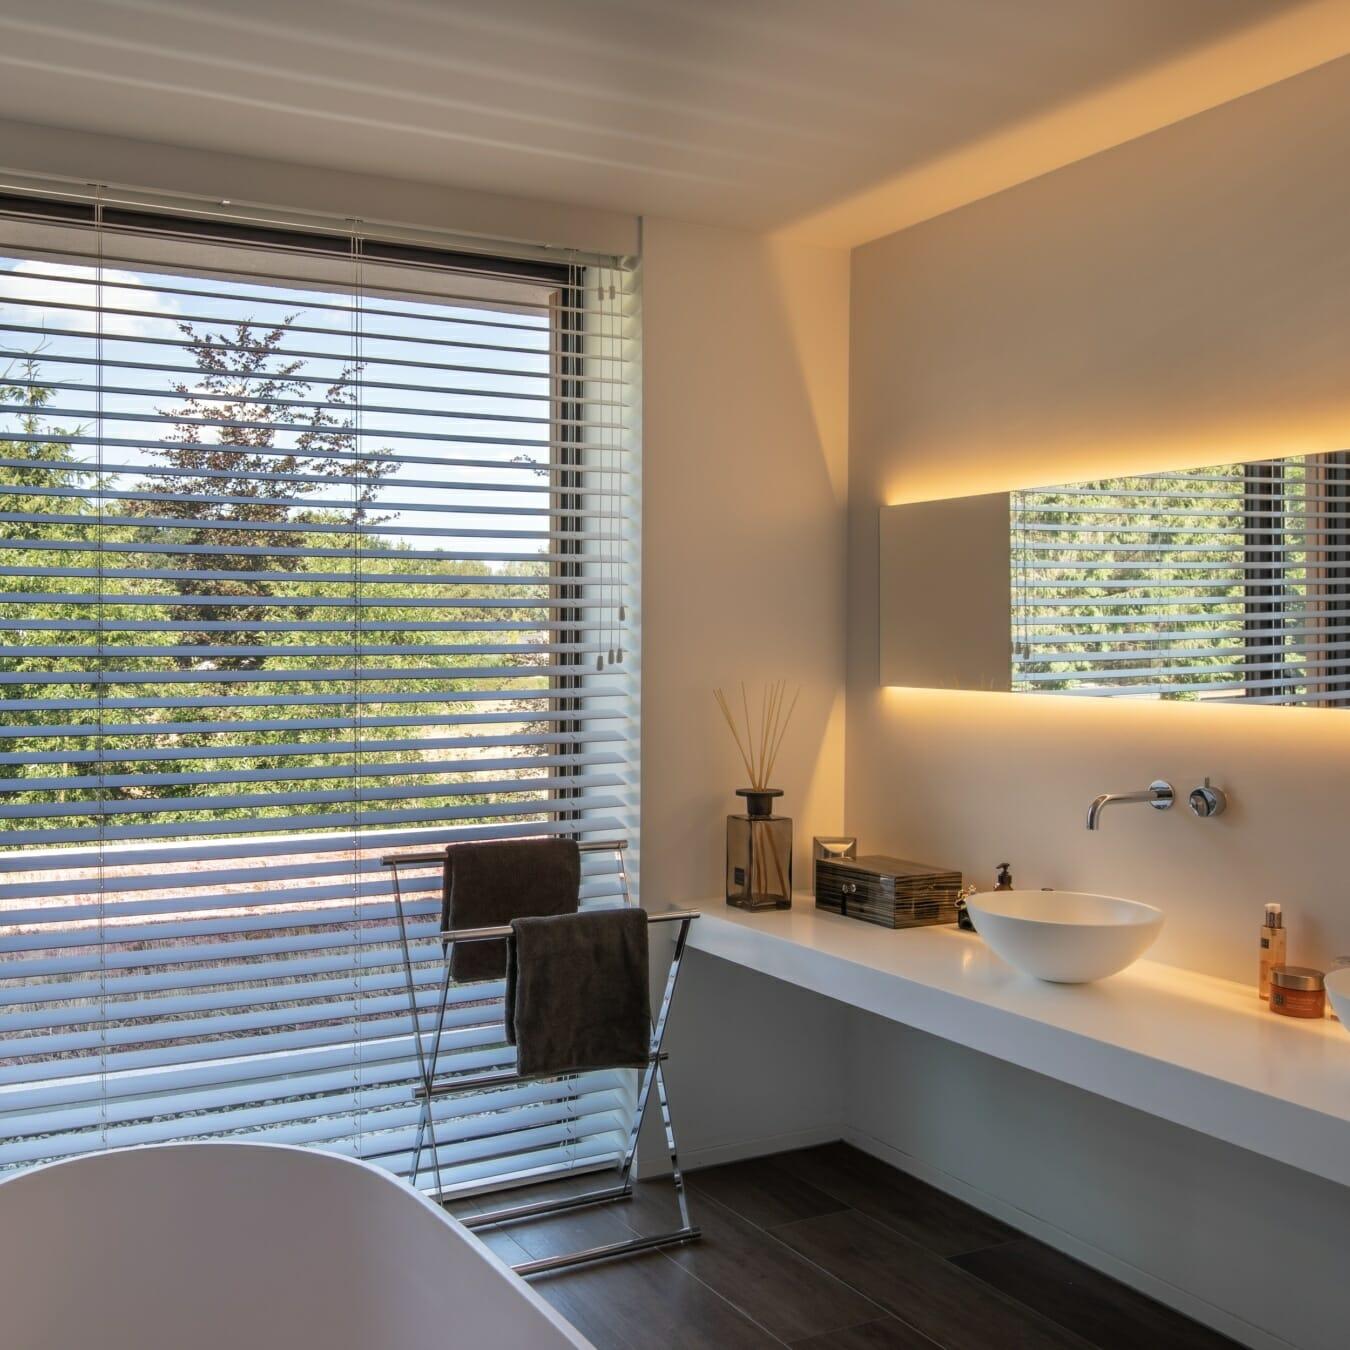 Witte houten jaloezieën in de badkamer